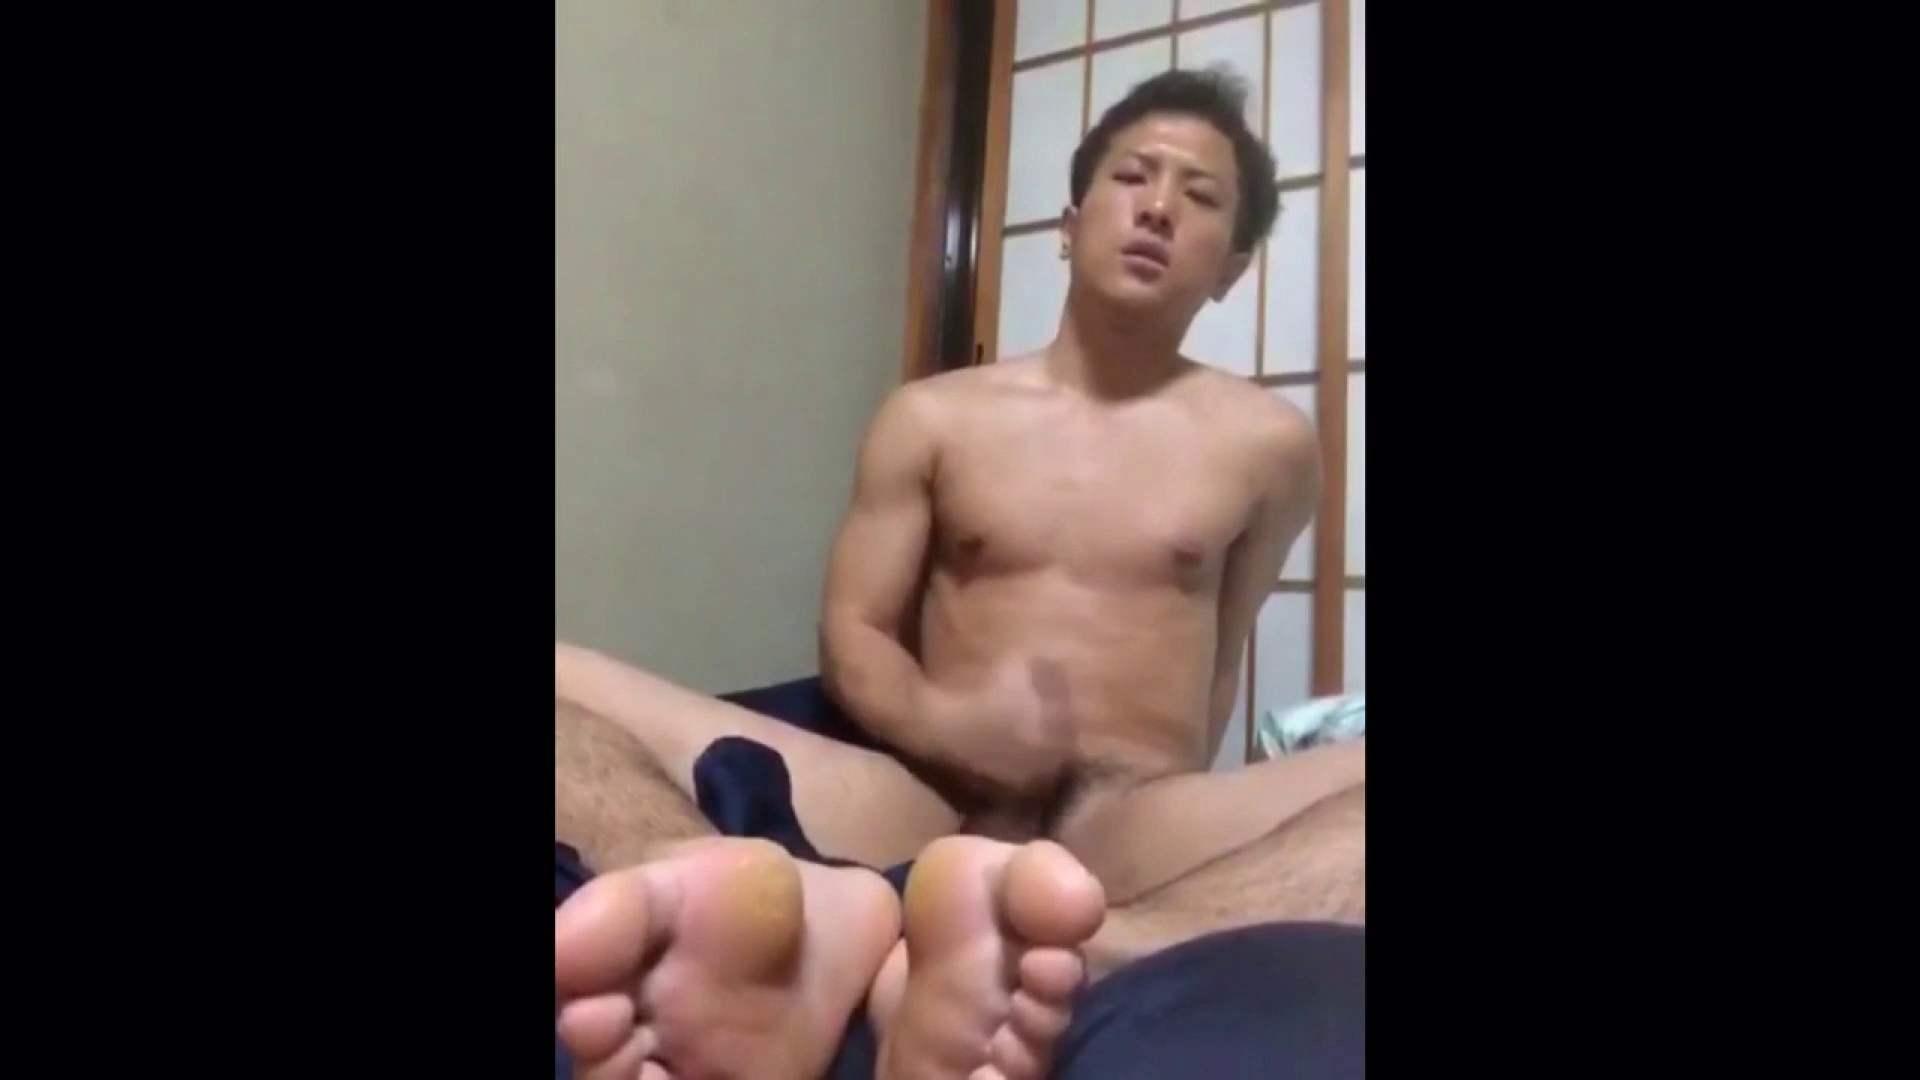 個人撮影 自慰の極意 Vol.25 ゲイのオナニー映像  75枚 30